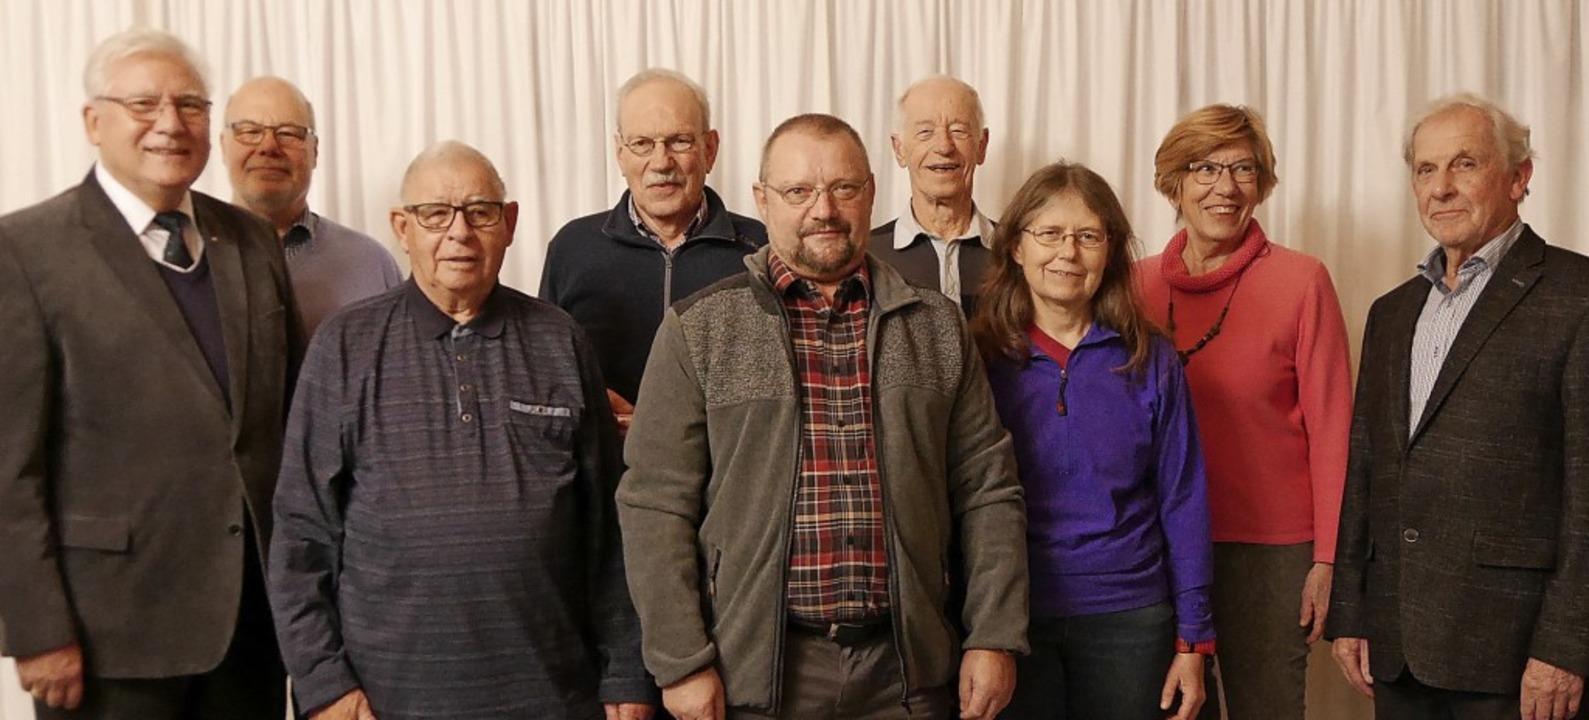 Ortsvorsteher Fred Thelen (von links) ...ser, Annemarie Hippin und Heinz Huber.  | Foto: Rank